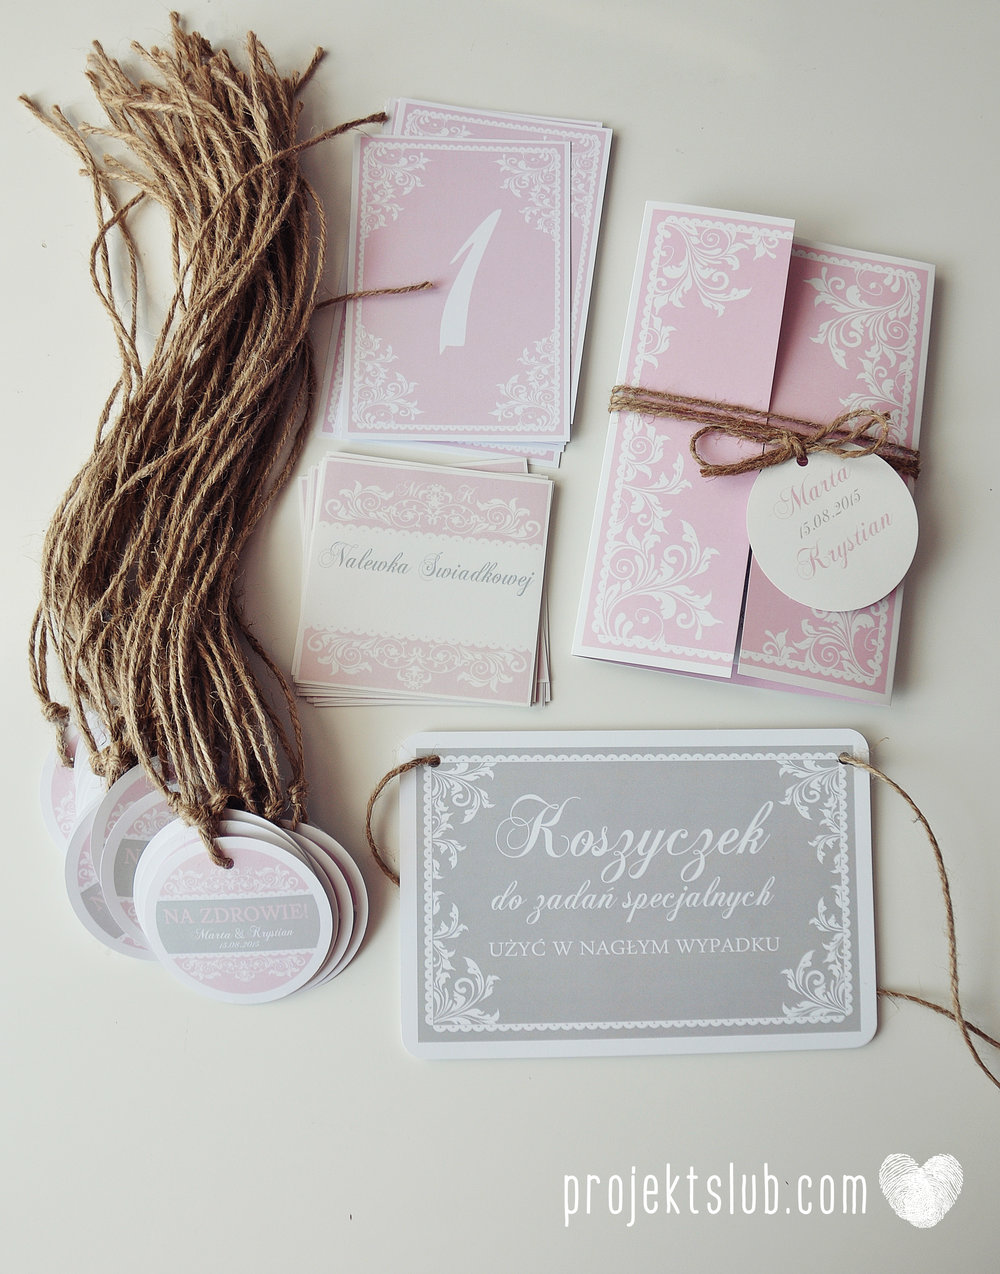 Zaproszenie ślubne oryginalne eleganckie duży format ołtarzykowe floral love rustykalne pastelove Projekt Ślub (9).JPG